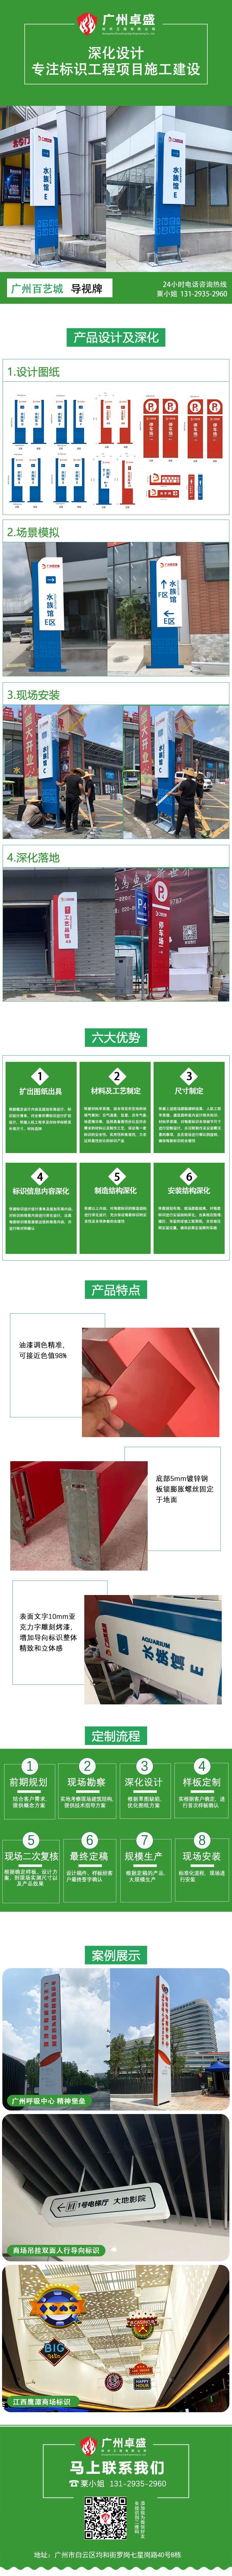 广州百艺城-导视牌